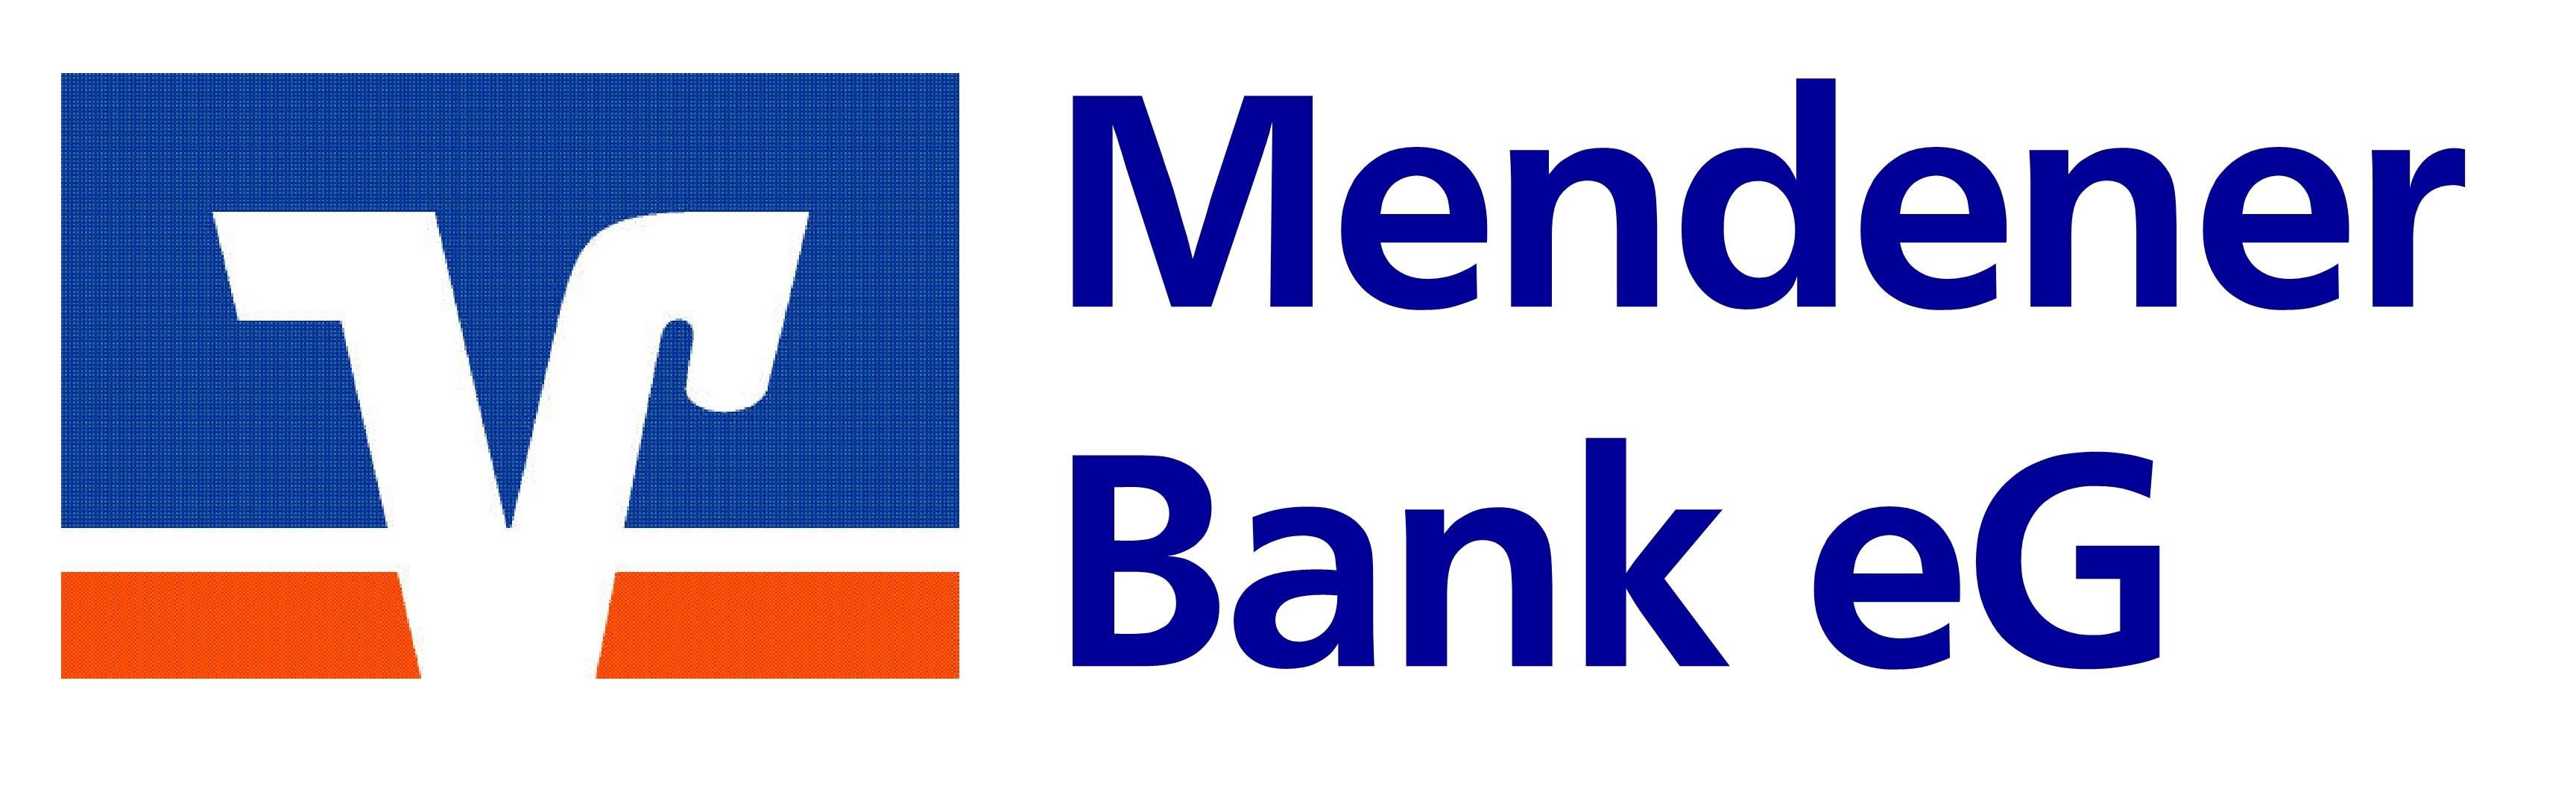 Mendener Bank EG